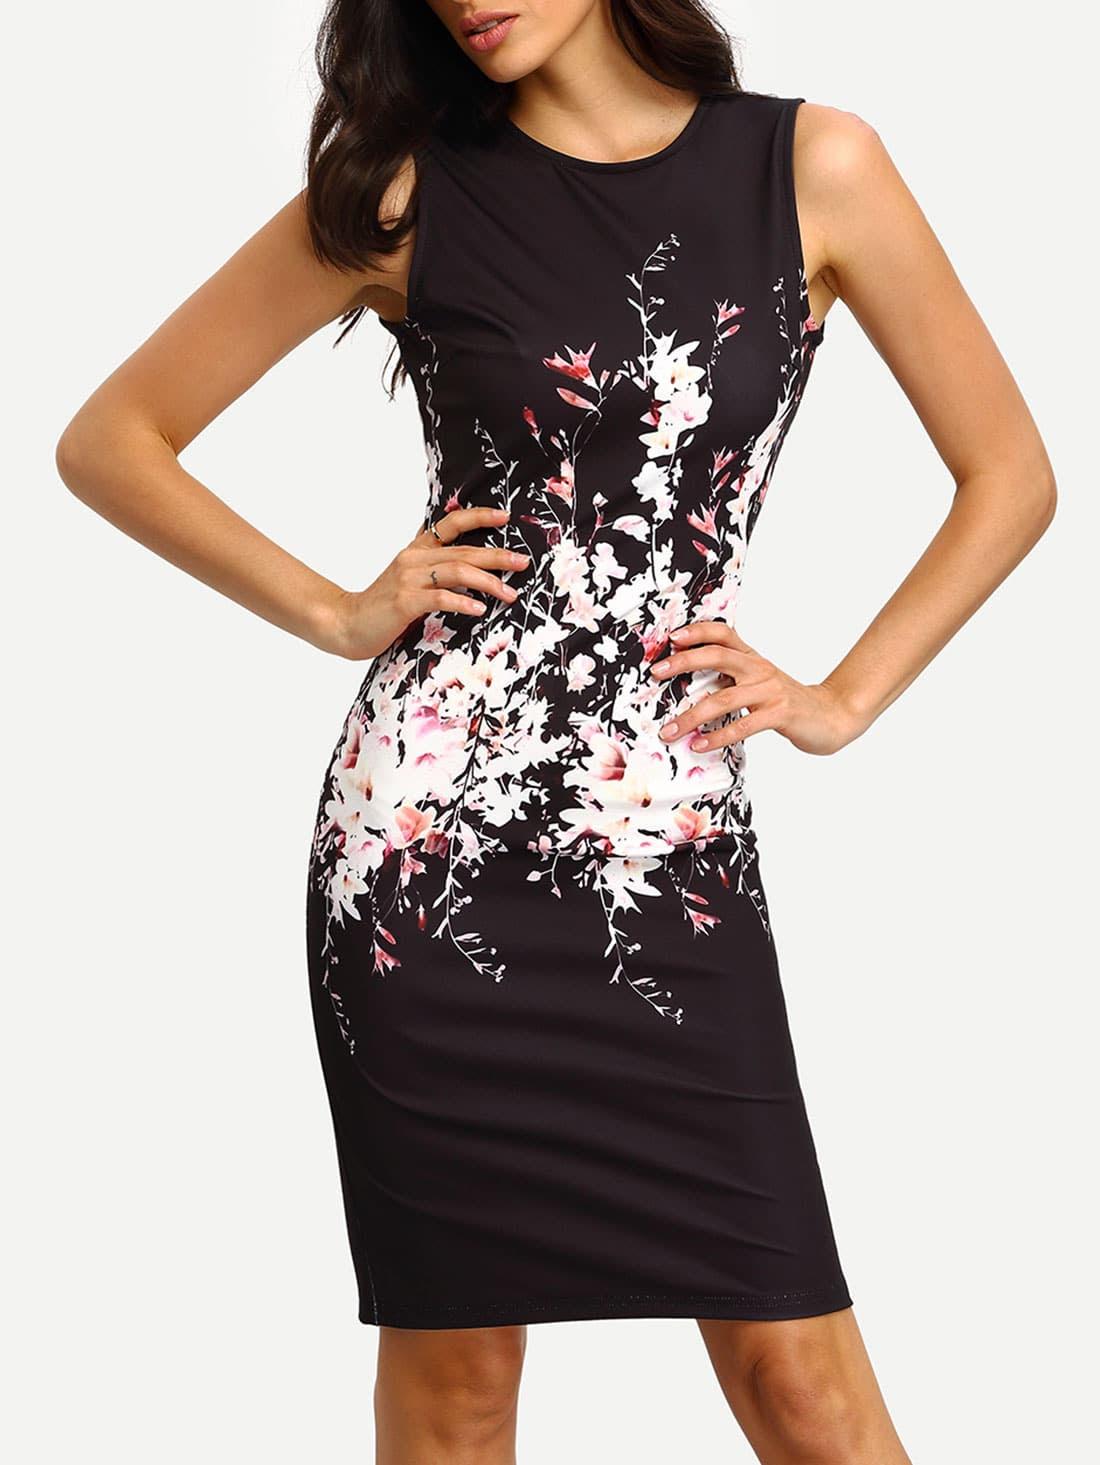 Black bodycon dress shein